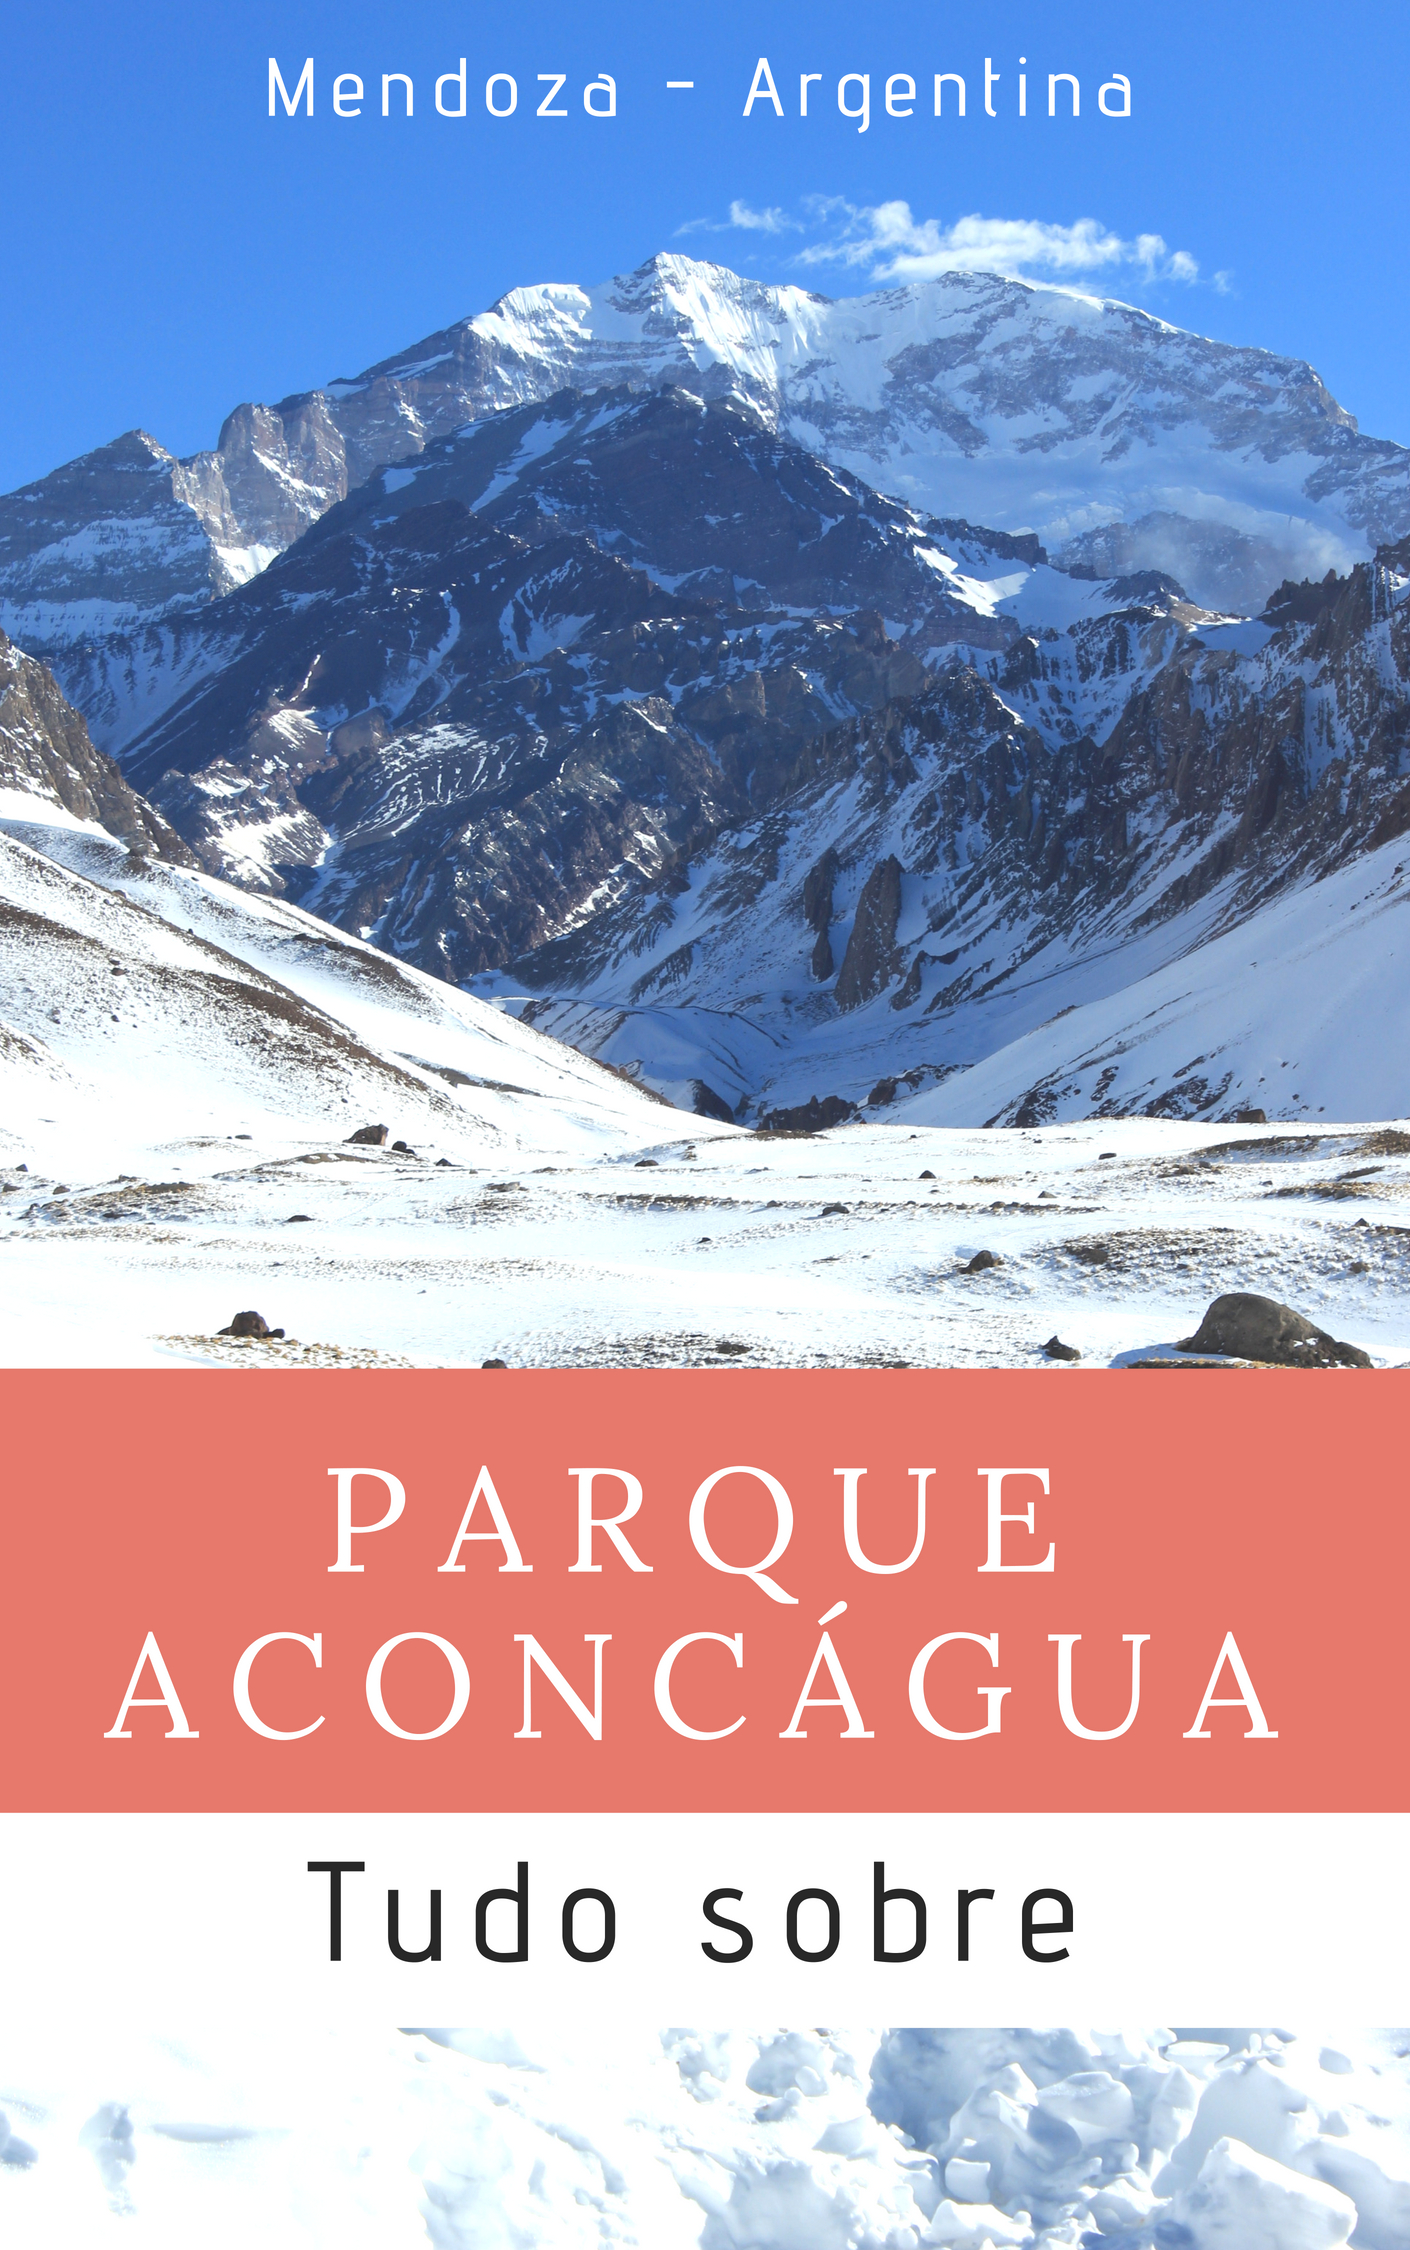 Tudo sobre o Parque Aconcágua, em Mendoza, na Argentina.